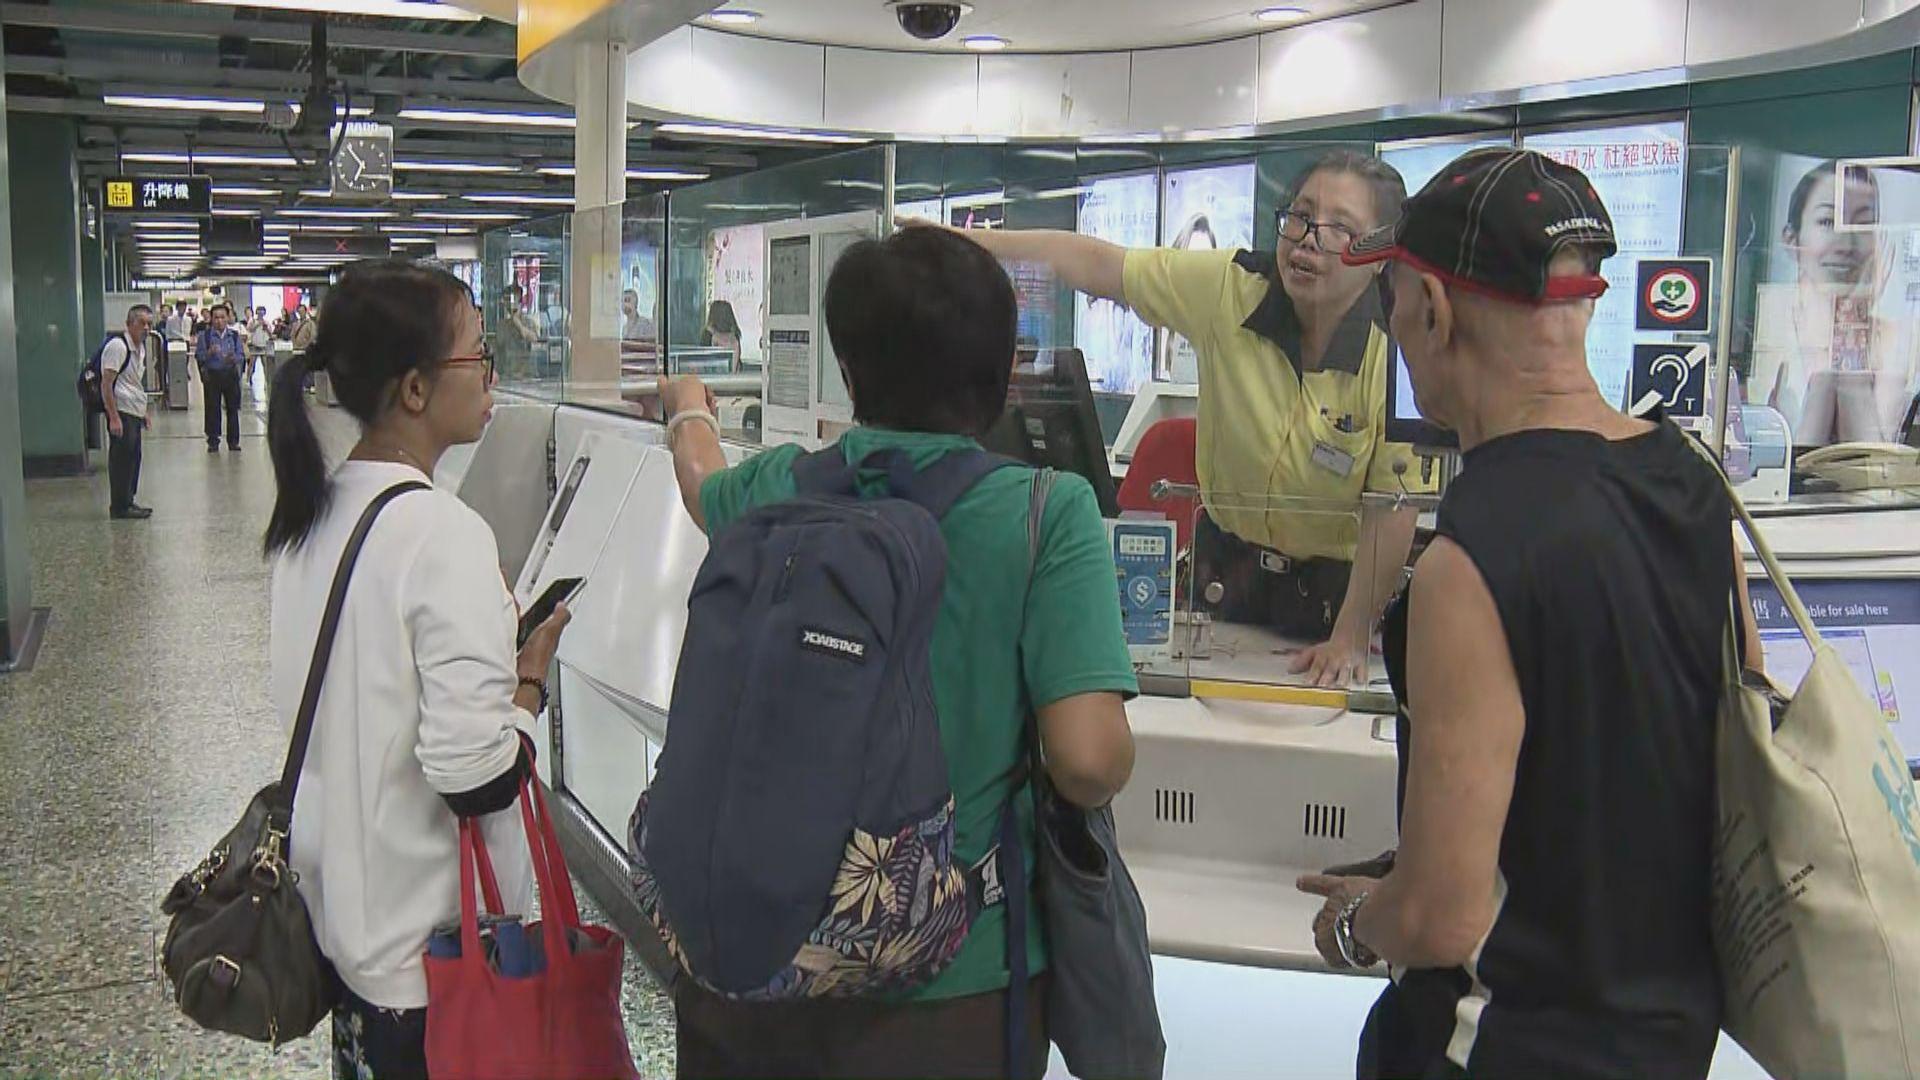 荃灣綫架空電纜設備故障 港鐵安排免費接駁巴士服務